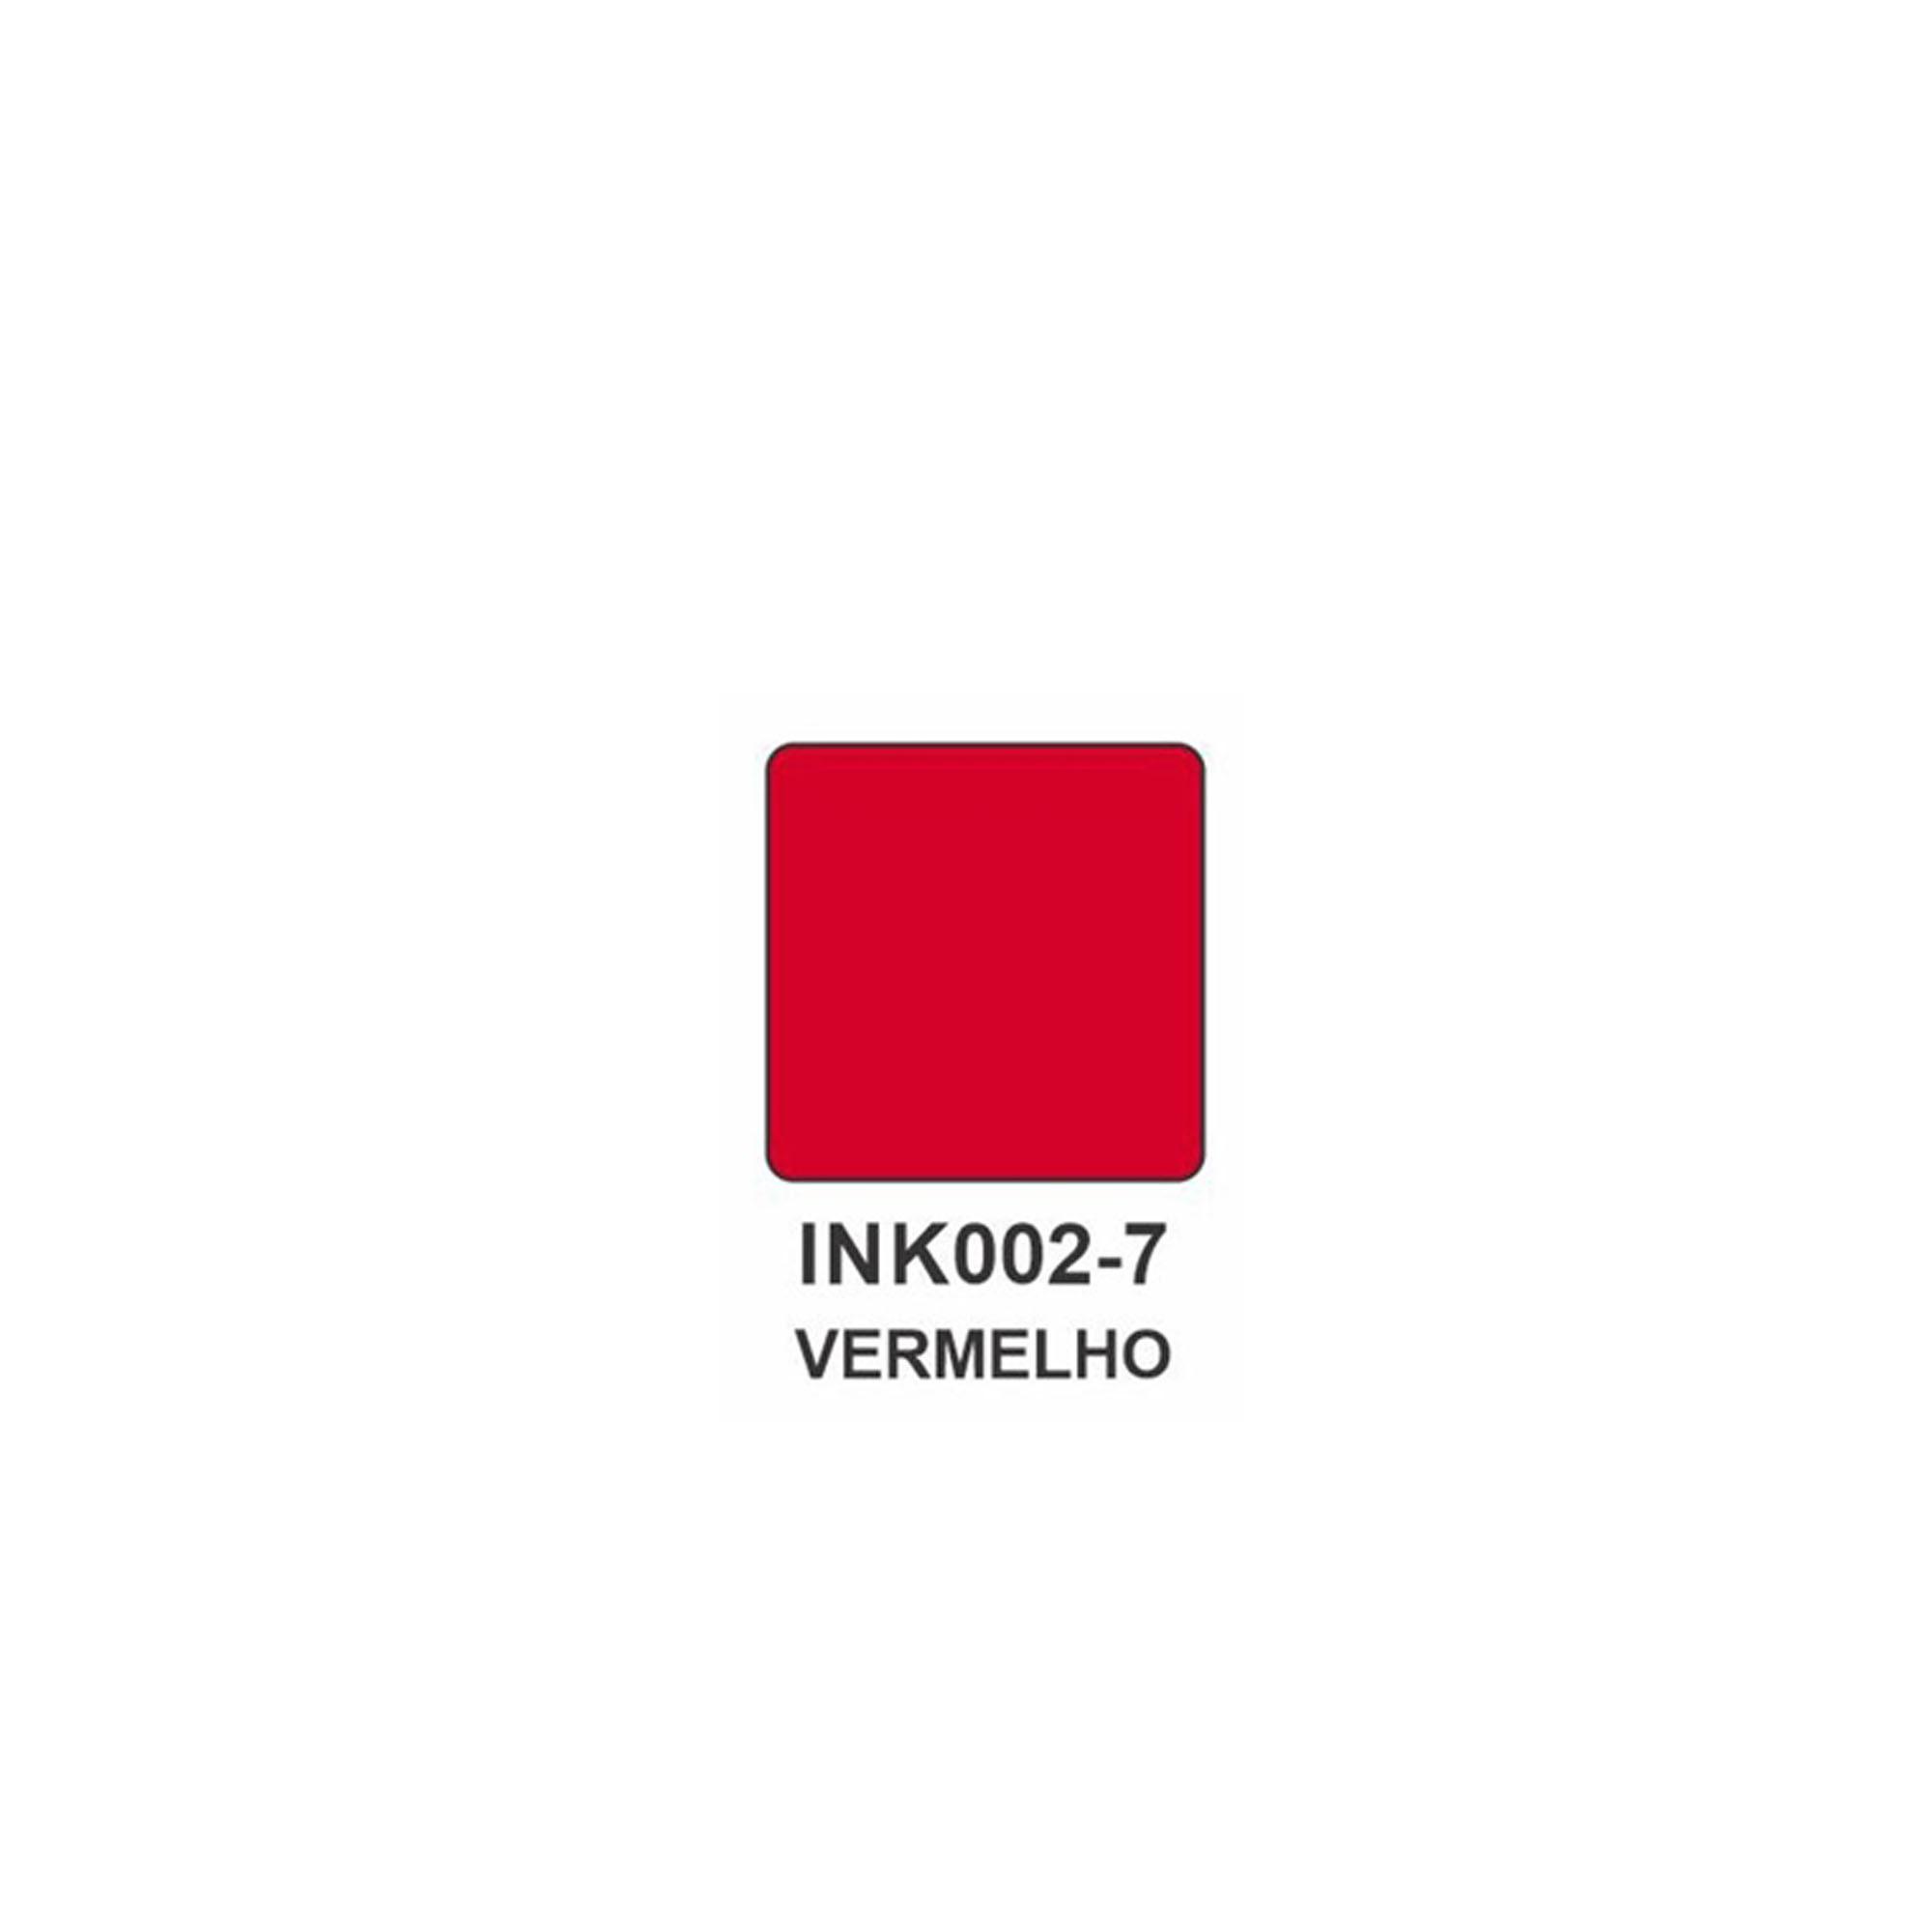 Carimbeira Art Montagem  - 3,3 x 3,3 cm - Vermelho